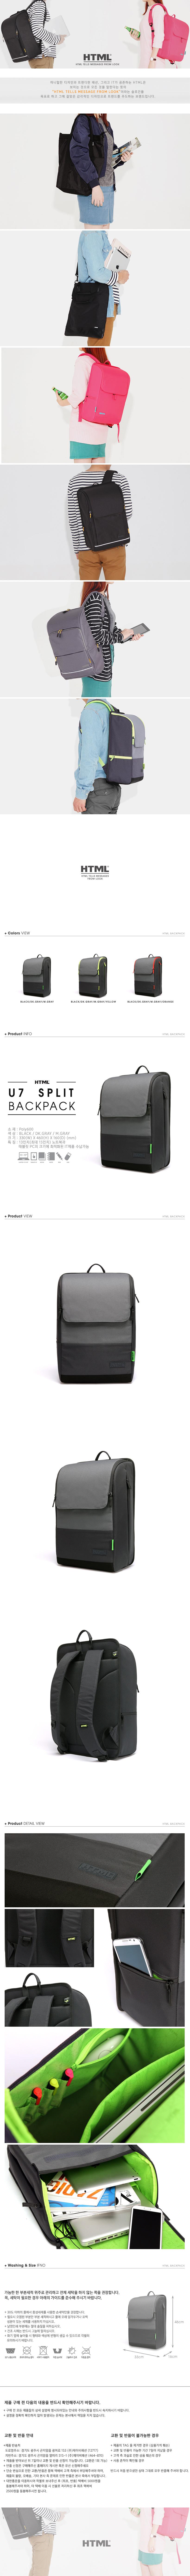 [에이치티엠엘]HTML-U7 SPLIT (2014) Backpack (Black/Dk.gray/M.gray)